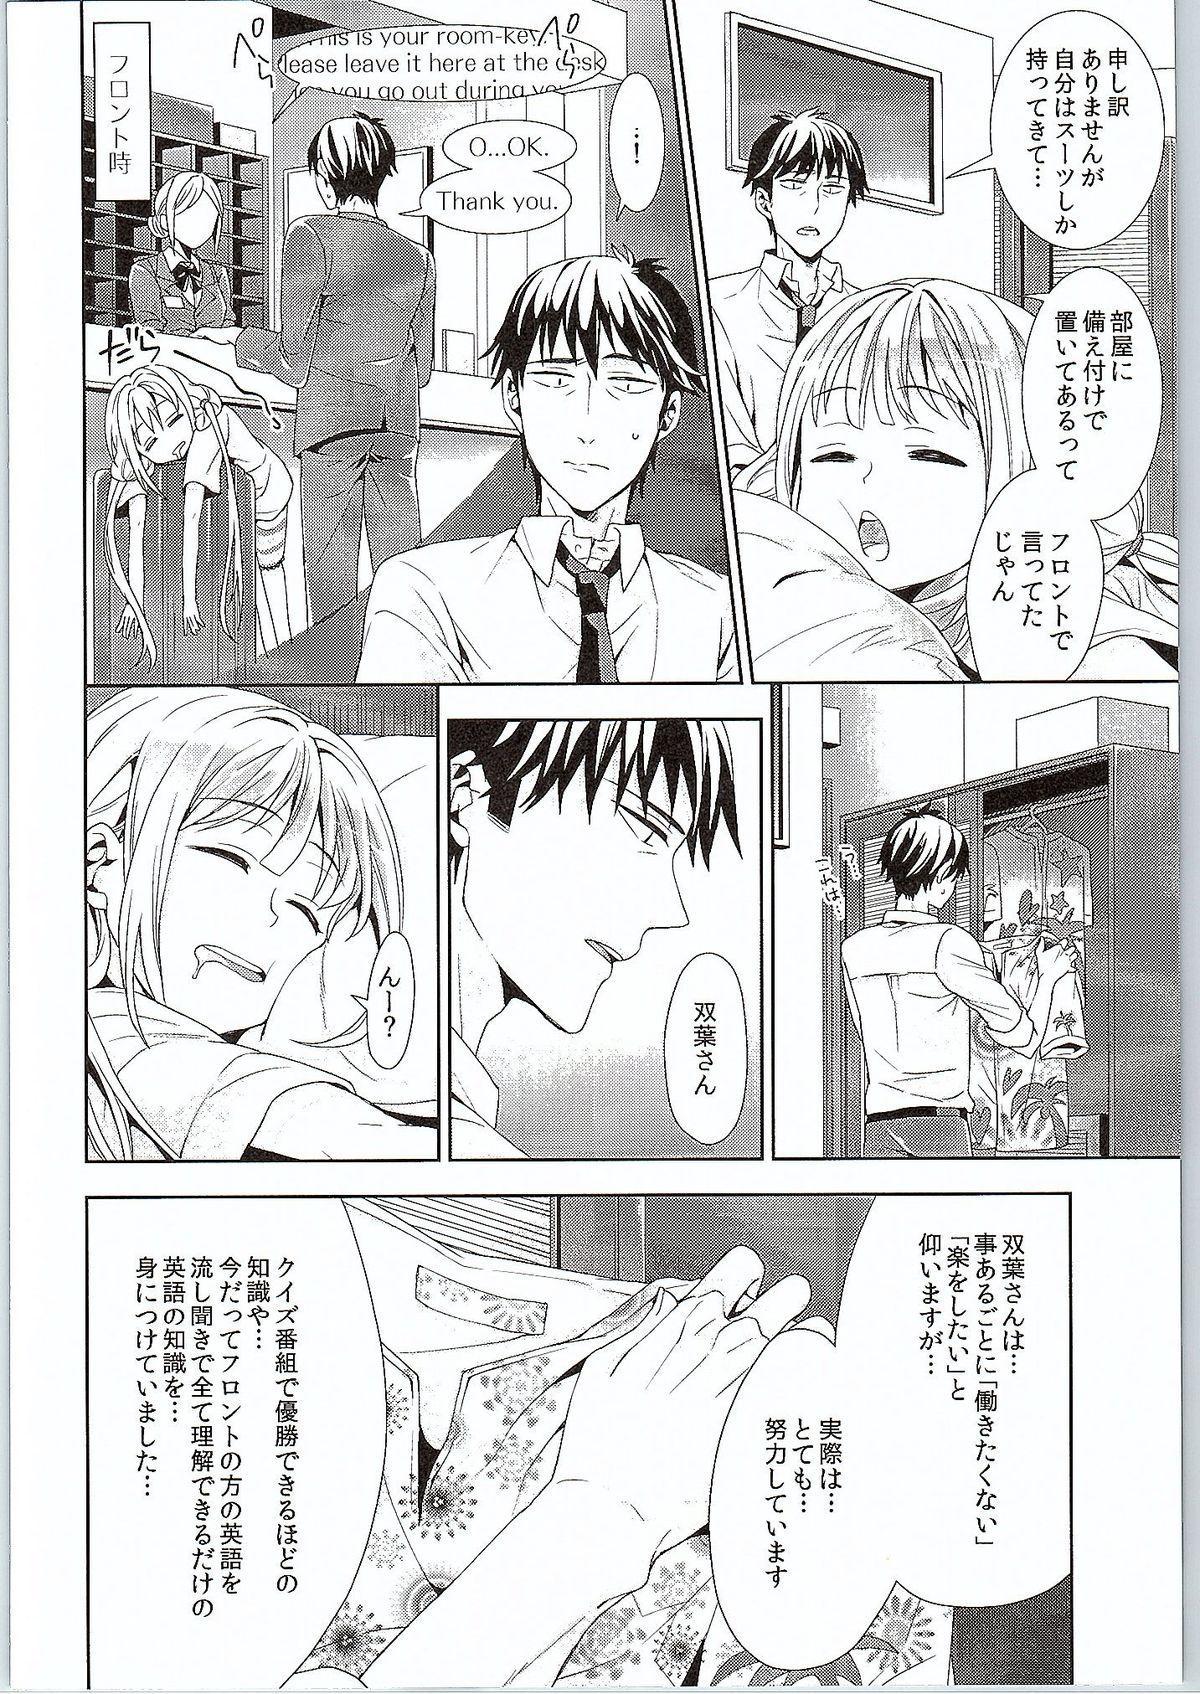 Anzu, Takeuchi P ni Honki Dashima-su! 9